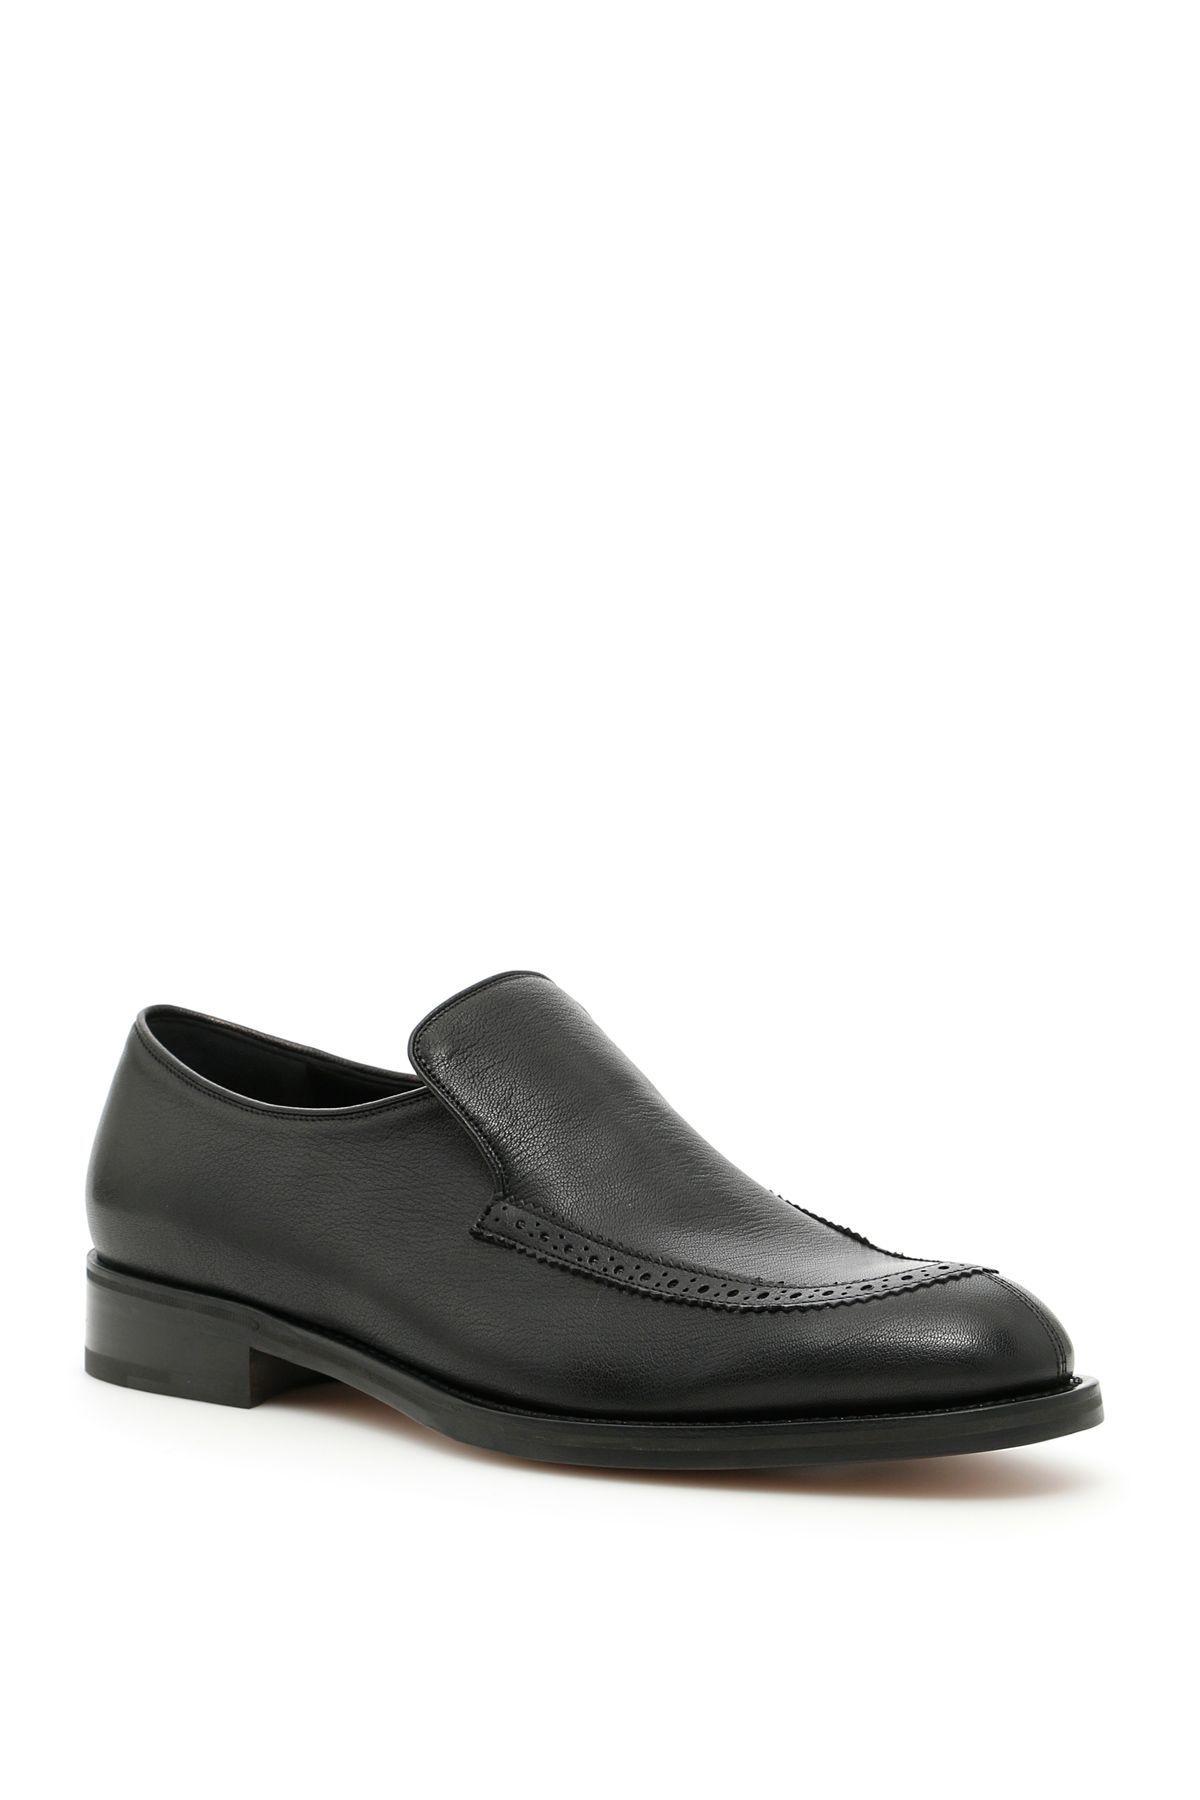 SALVATORE FERRAGAMO GOATSKIN DENTON MOCCASINS. #salvatoreferragamo #shoes #